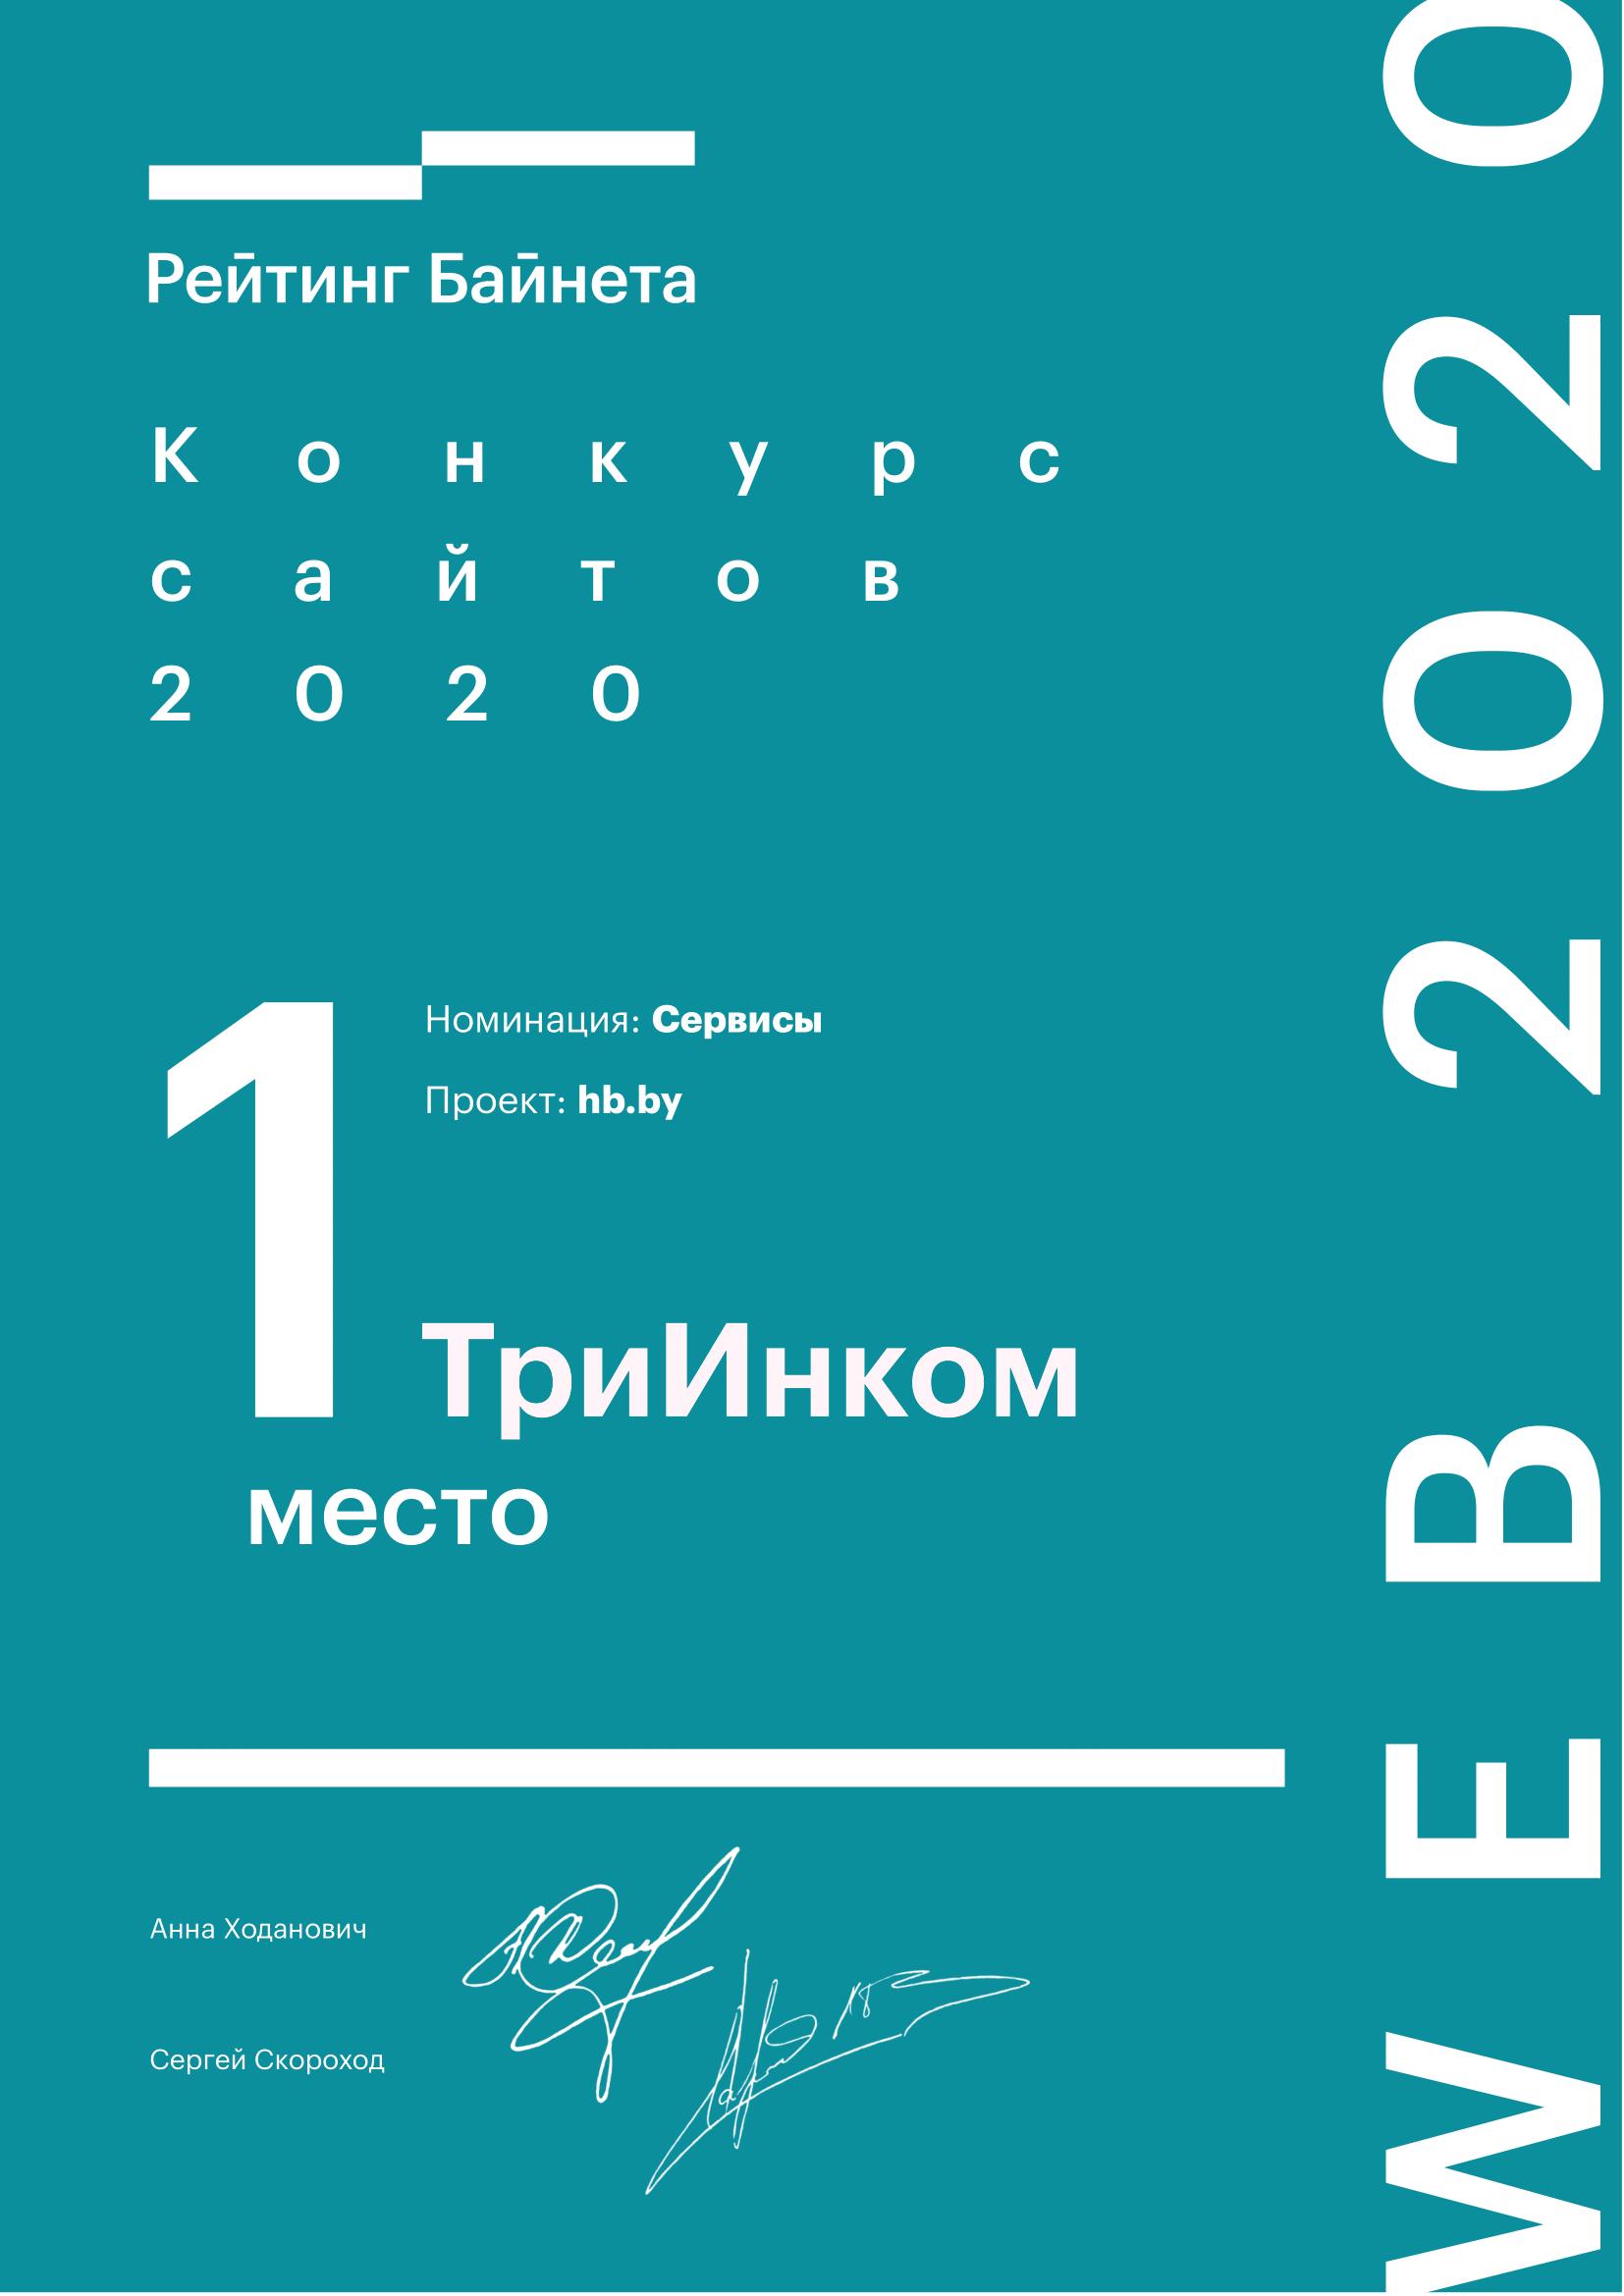 1-ое место на конкурсе сайтов «Рейтинг Байнета 2020» в номинации «Сервисы»